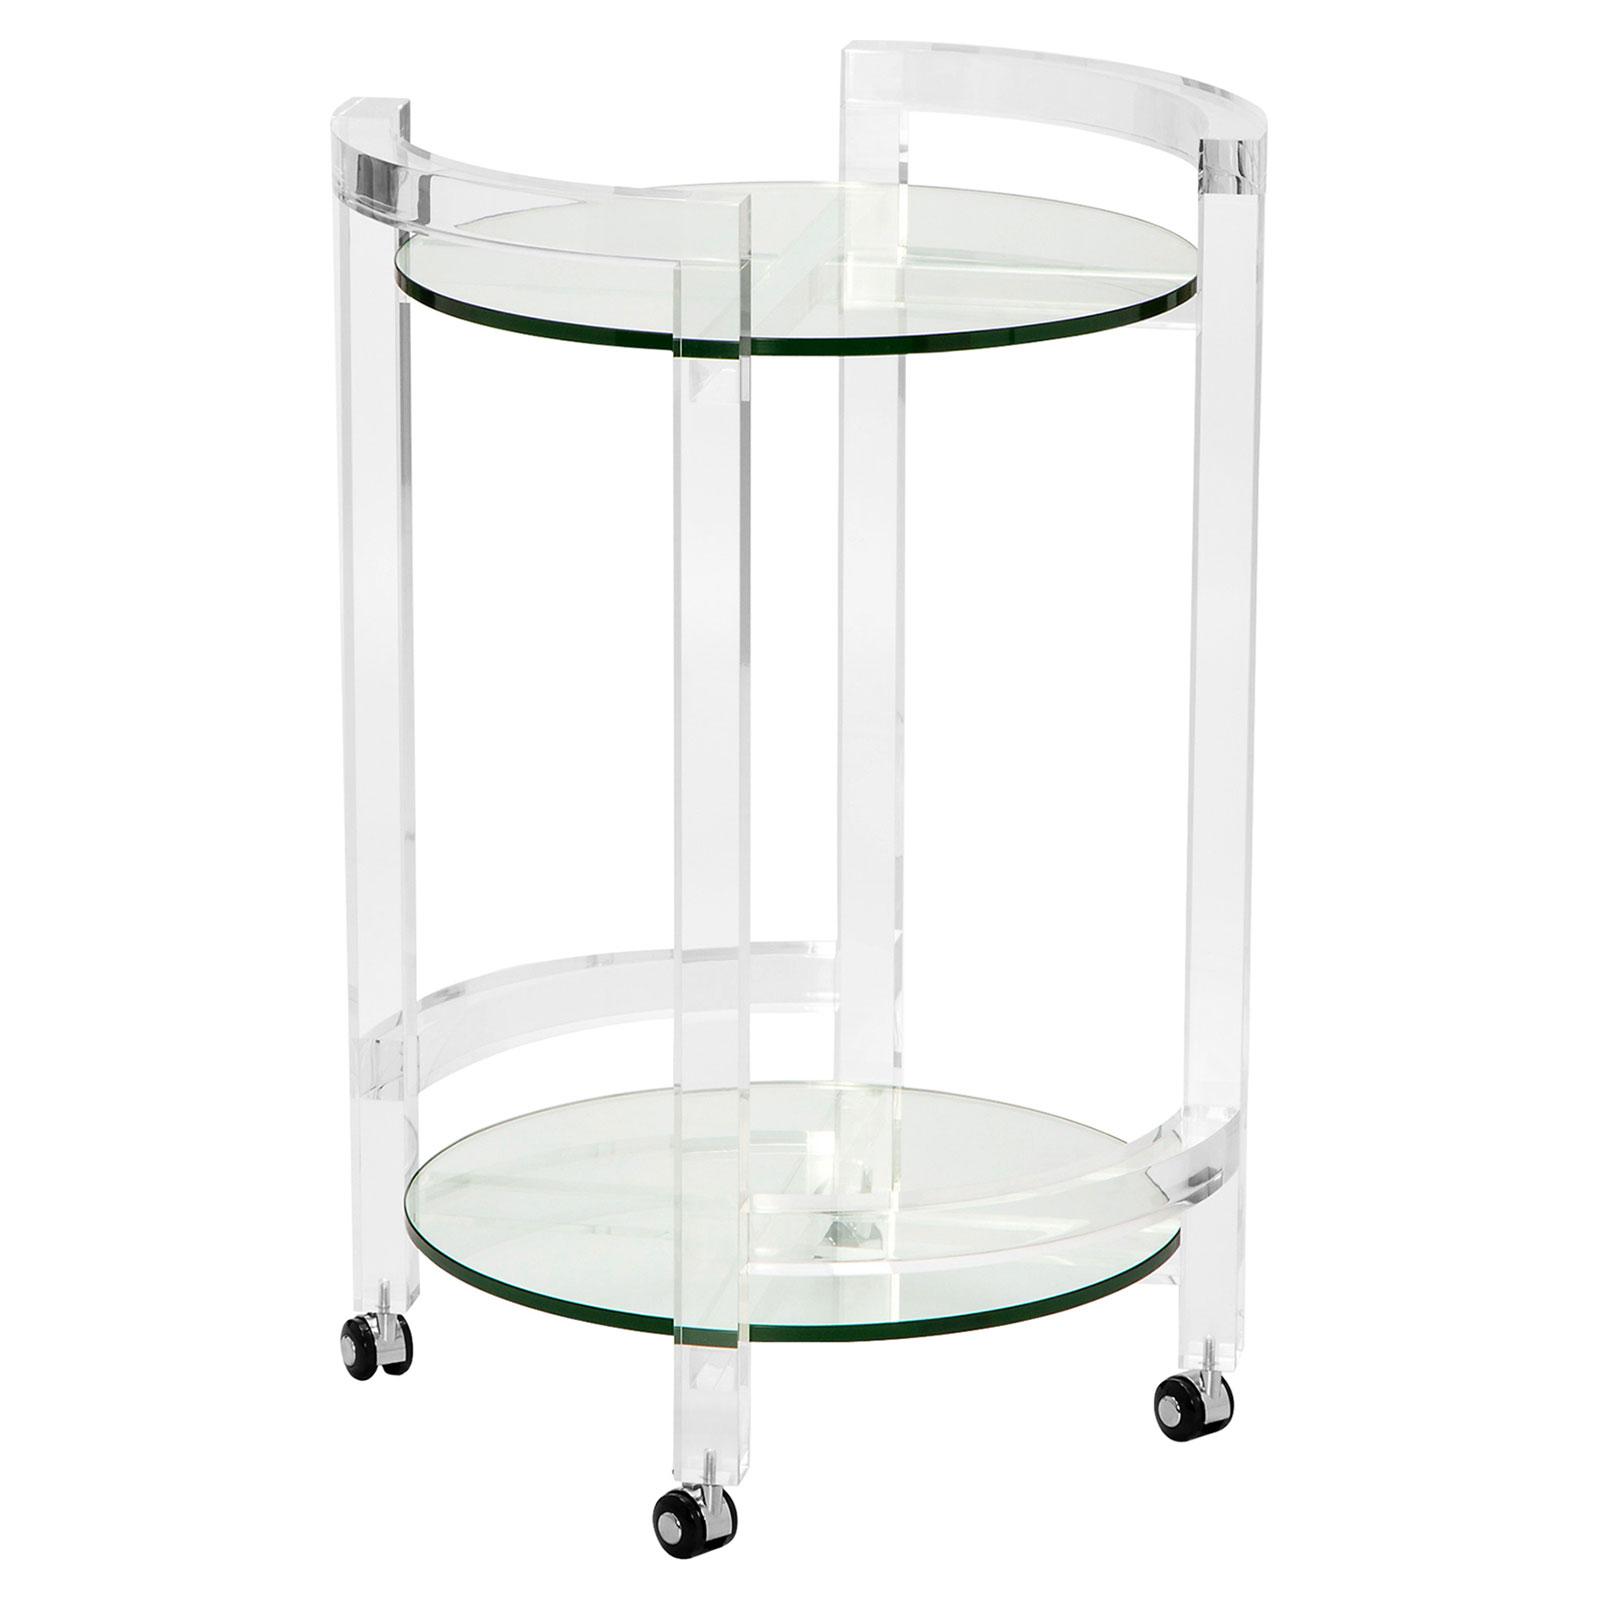 Pennington Modern Clear Round Acrylic Bar Cart